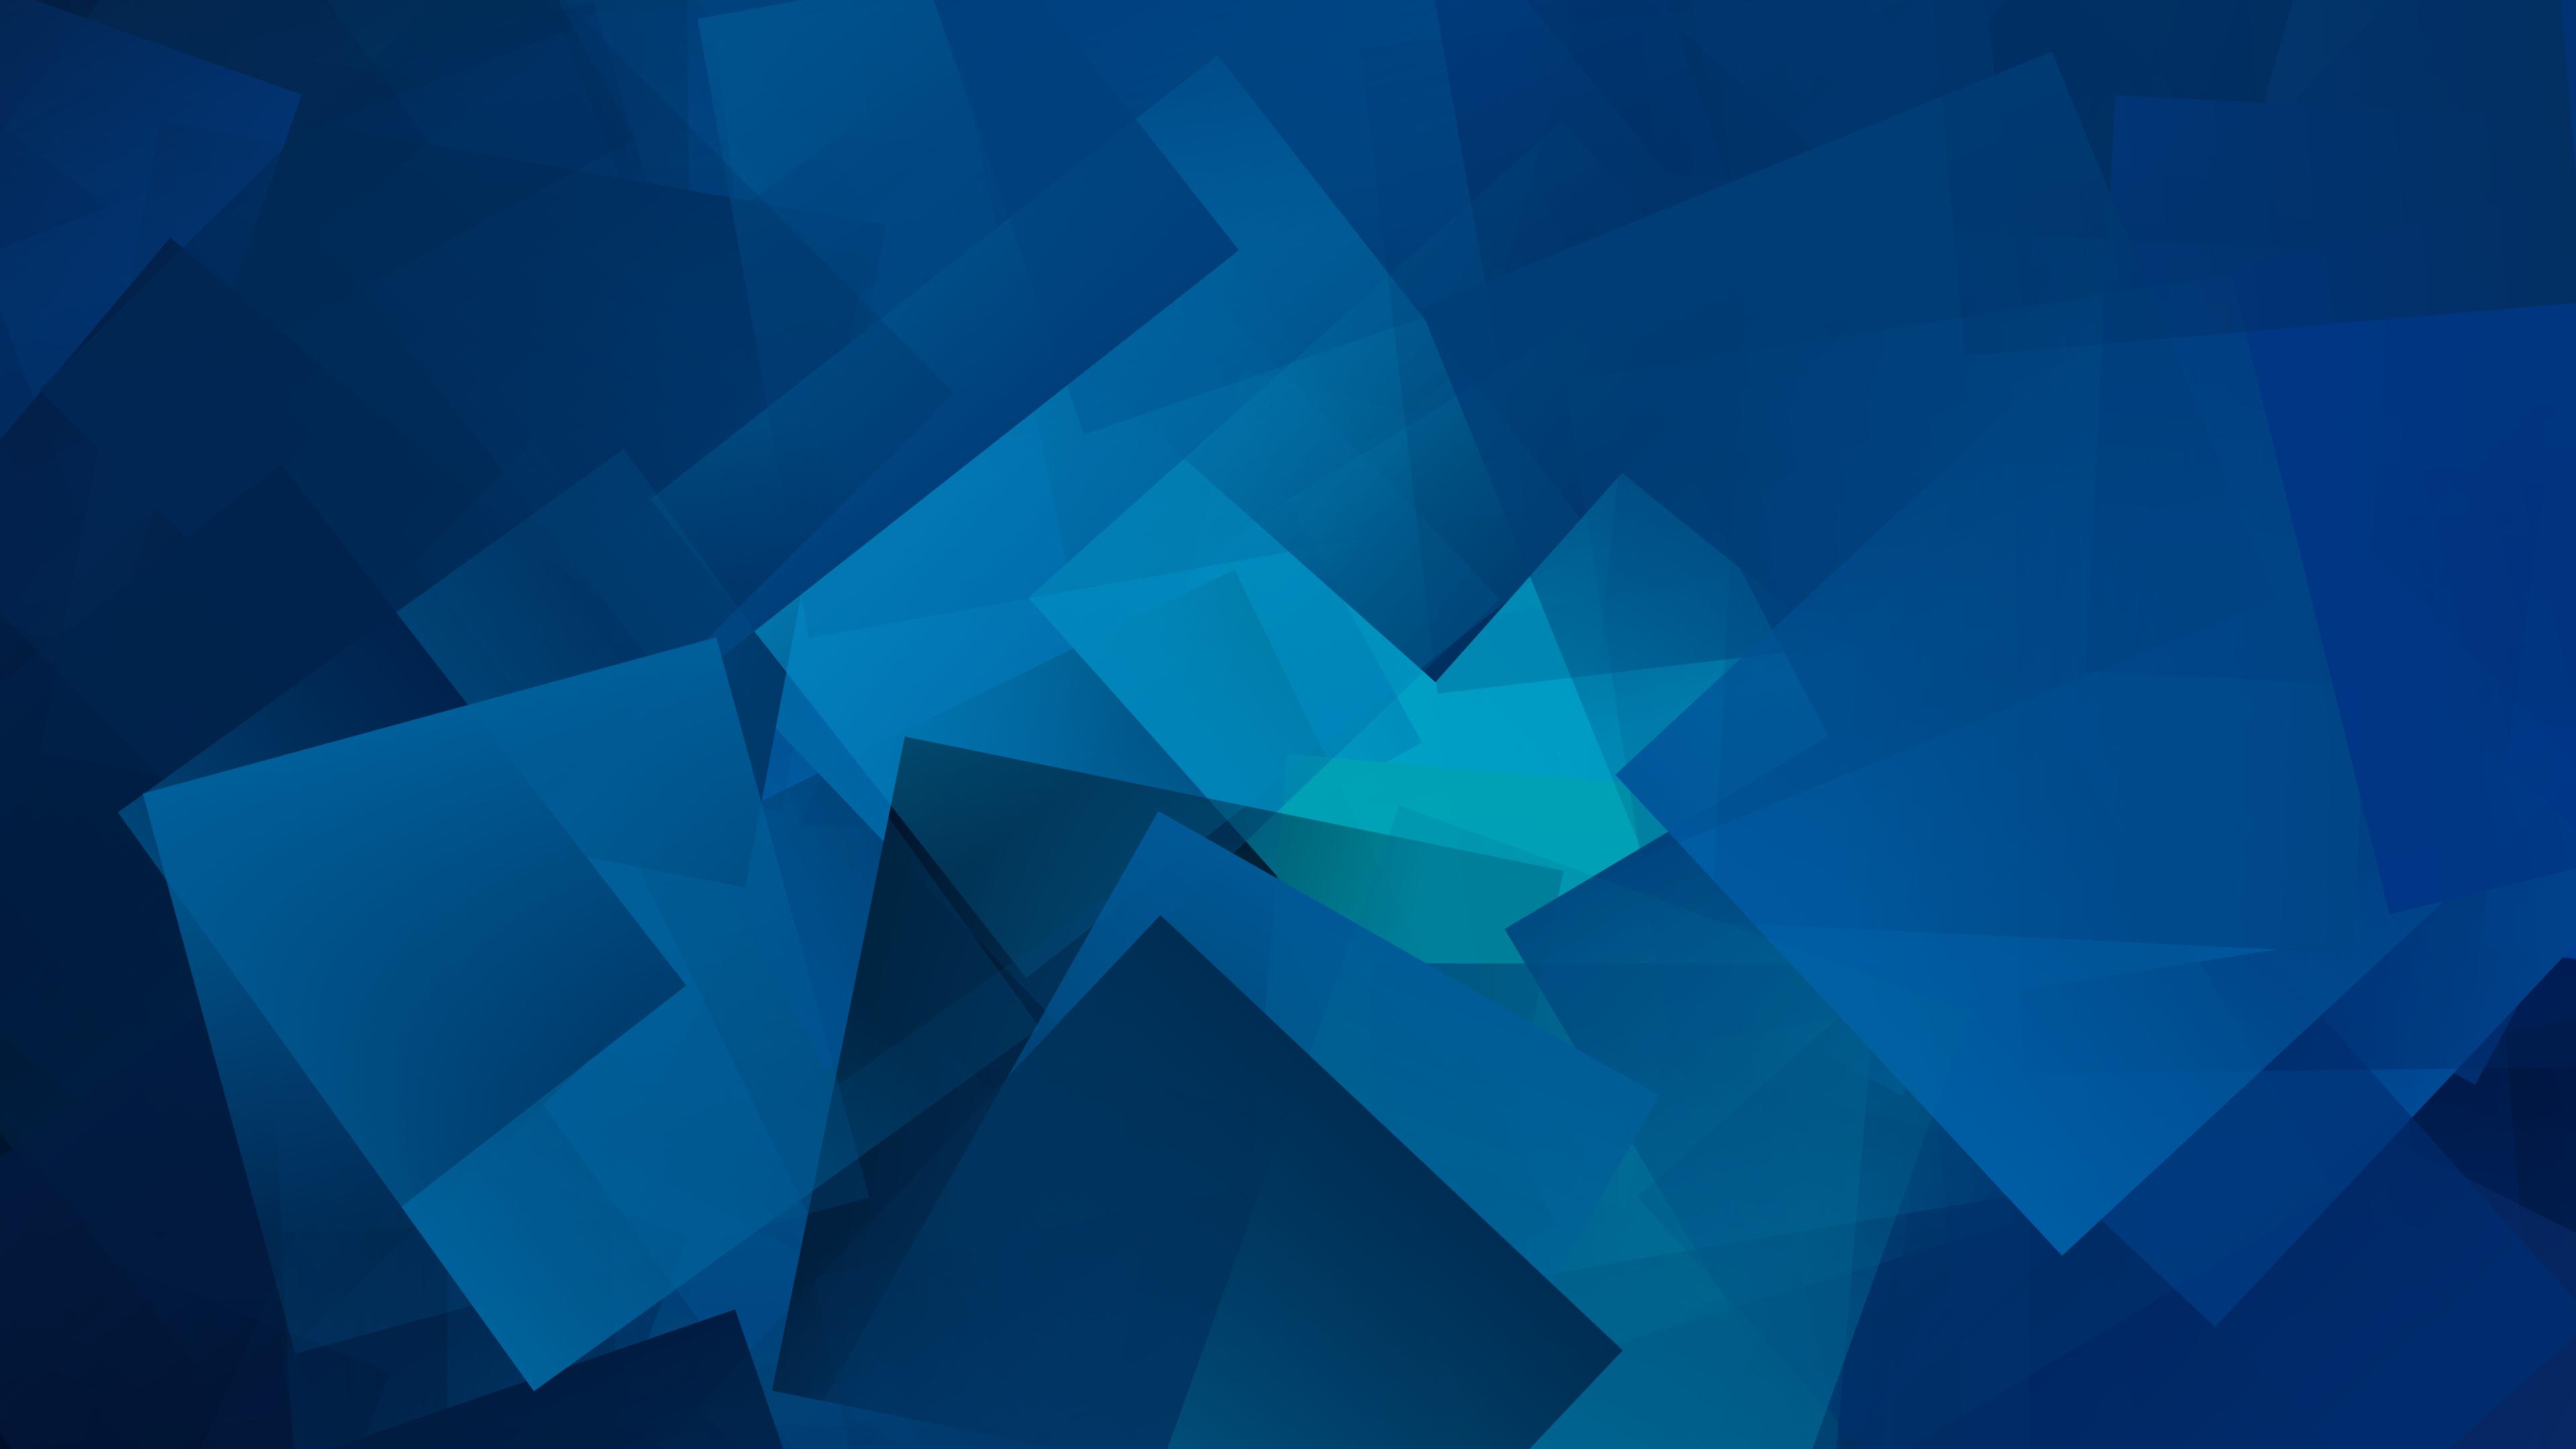 Голубые геометрические Кубы обои скачать